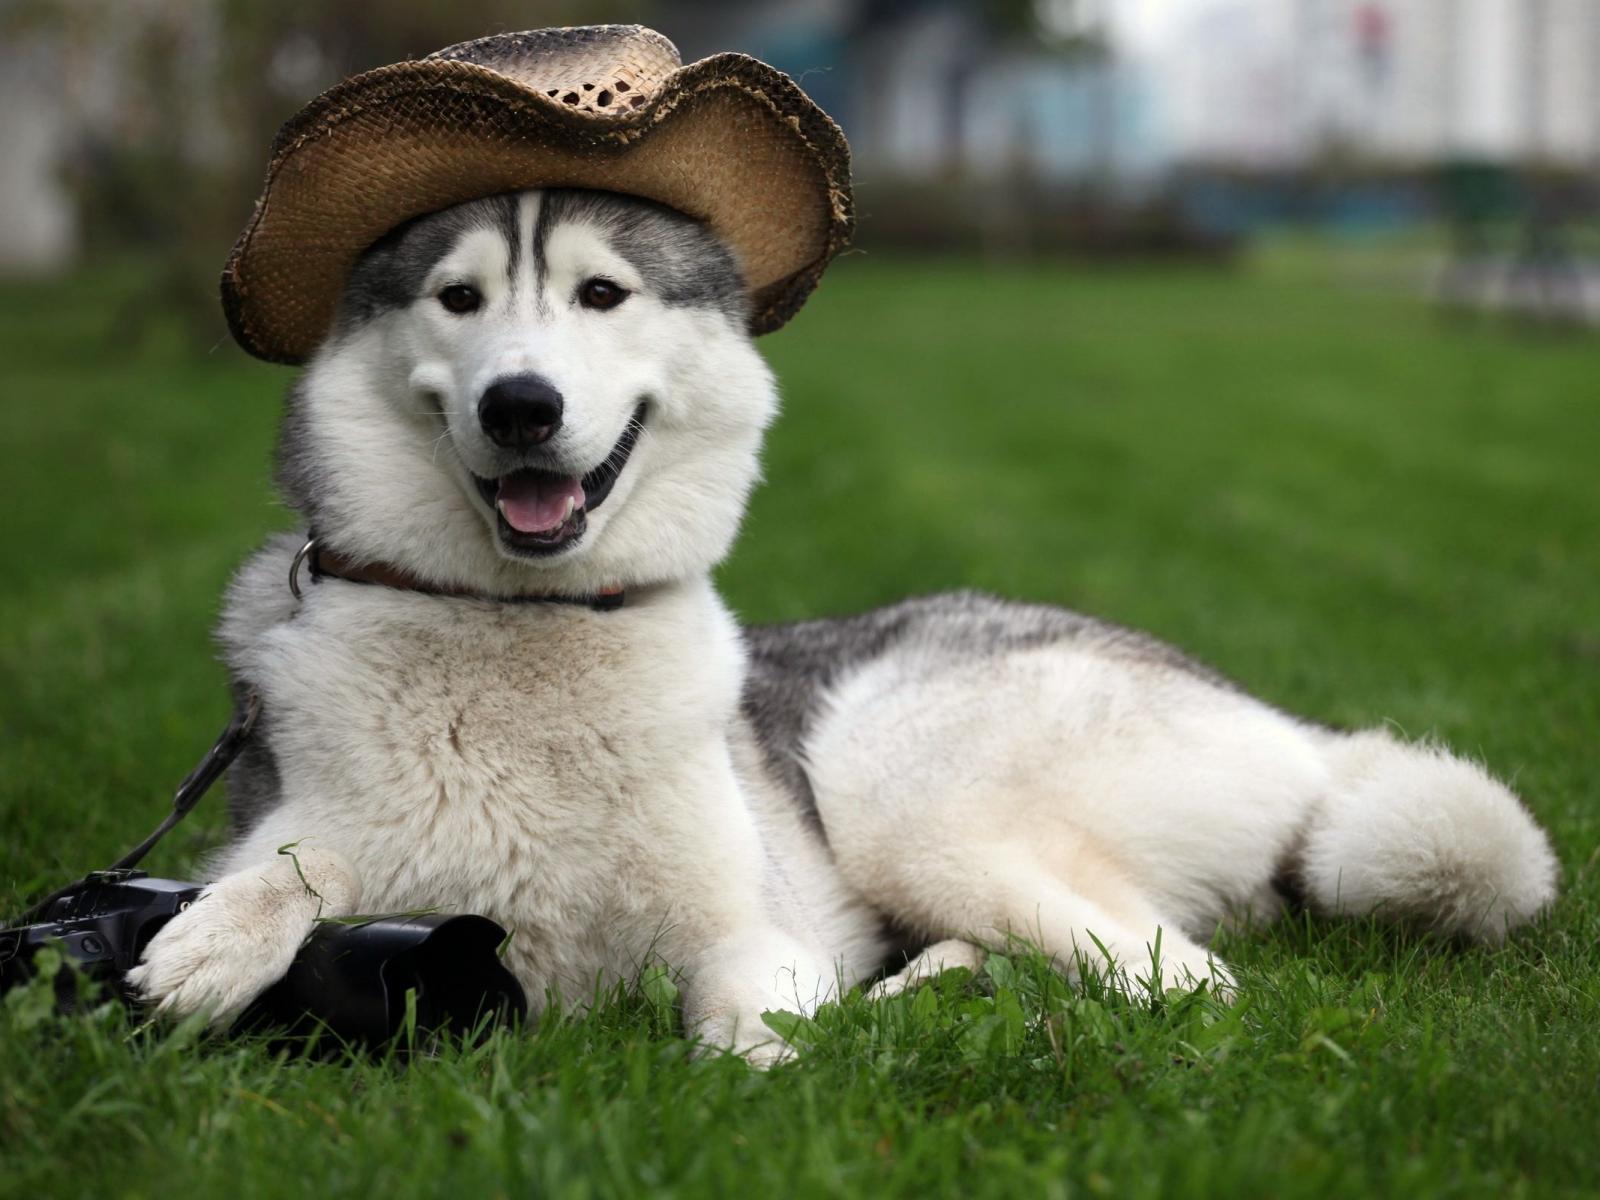 Hướng dẫn cách nuôi dưỡng và chăm sóc chó Alaska ngay tại nhà